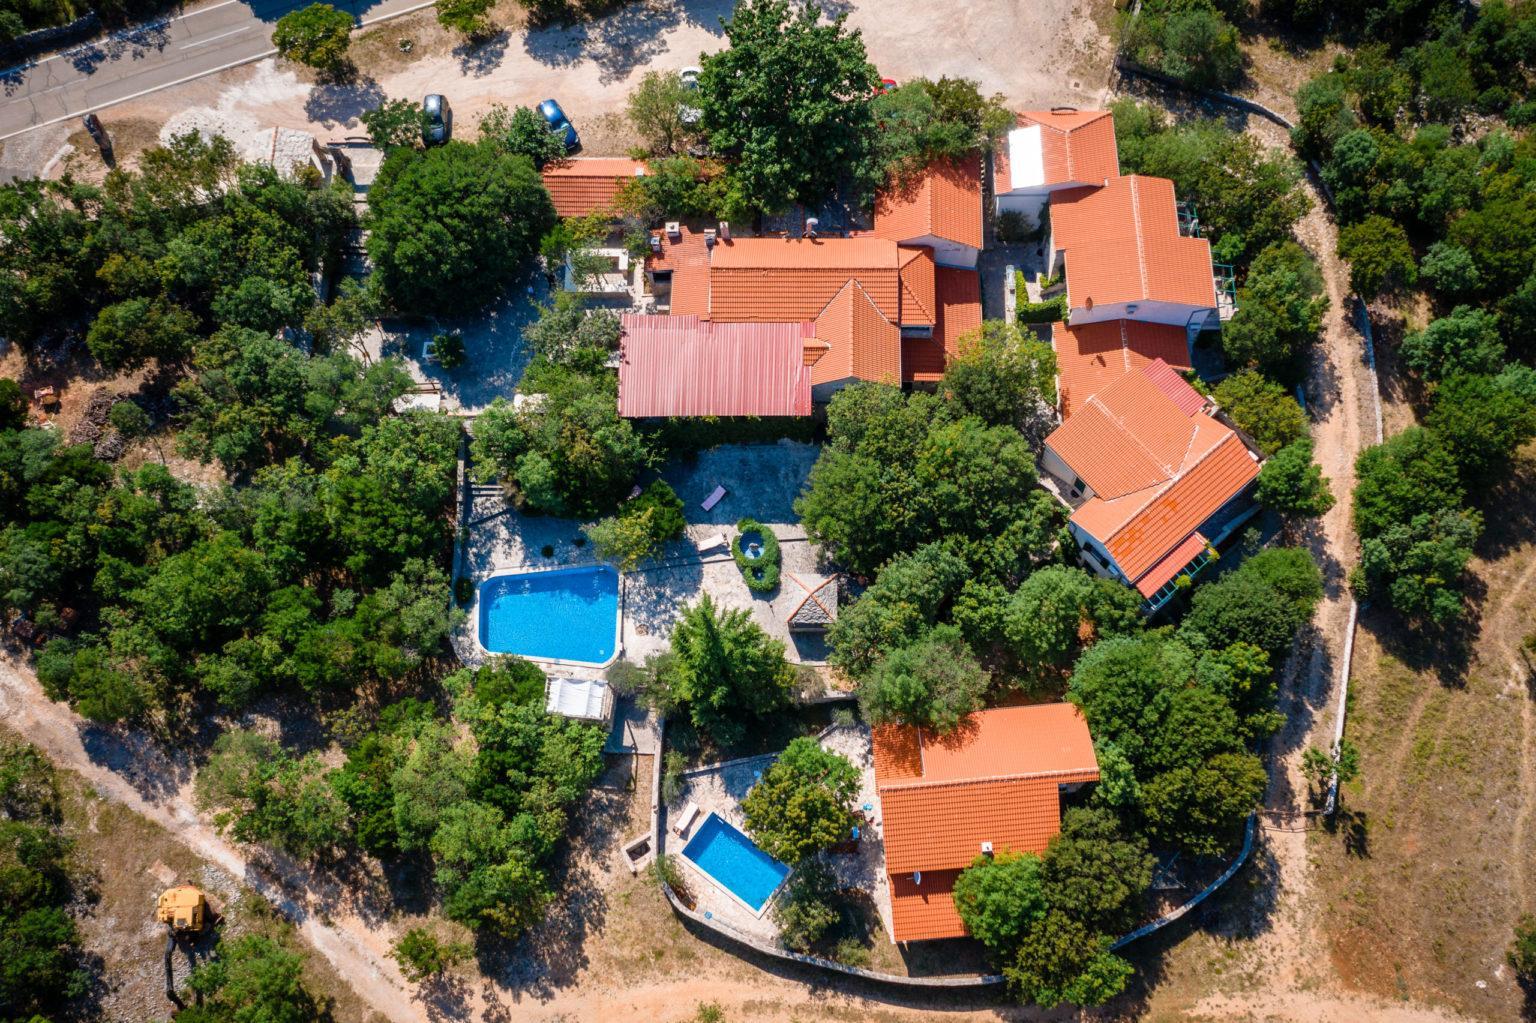 hochzeitslocation Kroatien location hochzeit heiraten 1 2 scaled - Stone House